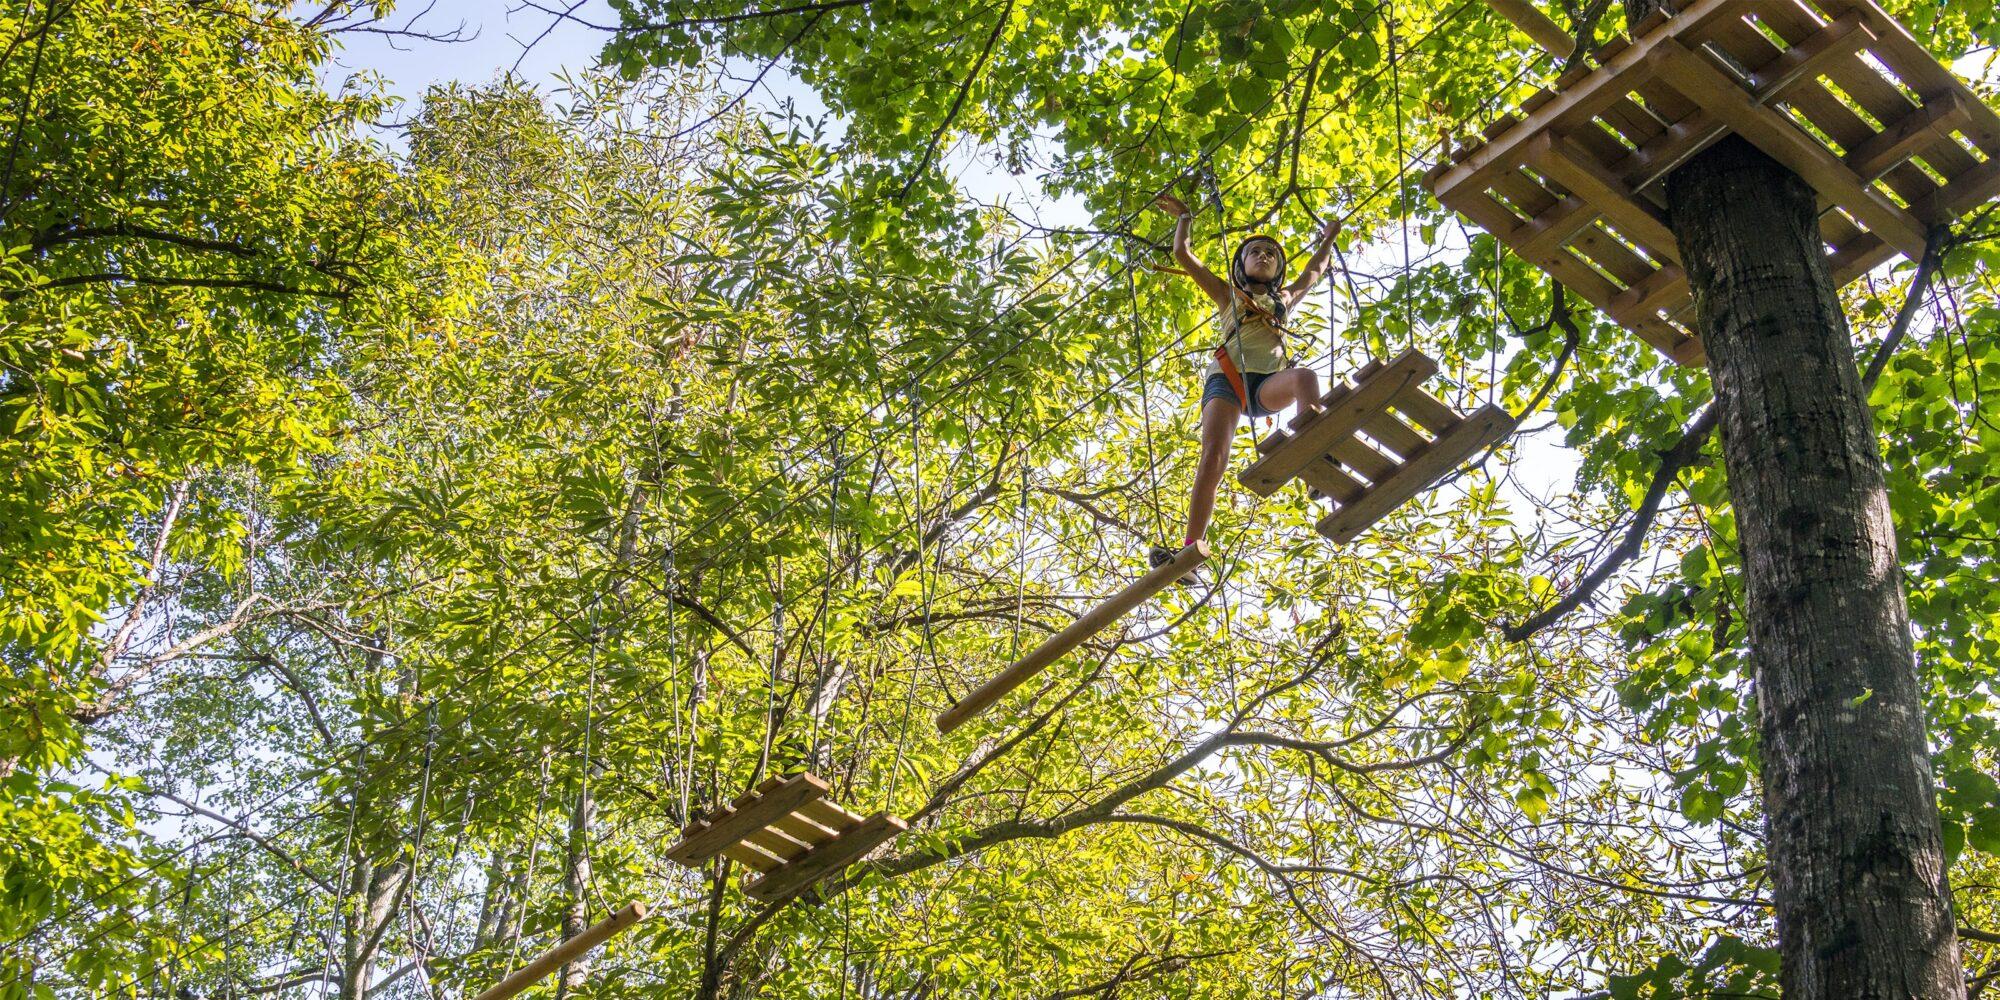 Percorsi tra gli alberi al Jungle Raider Park